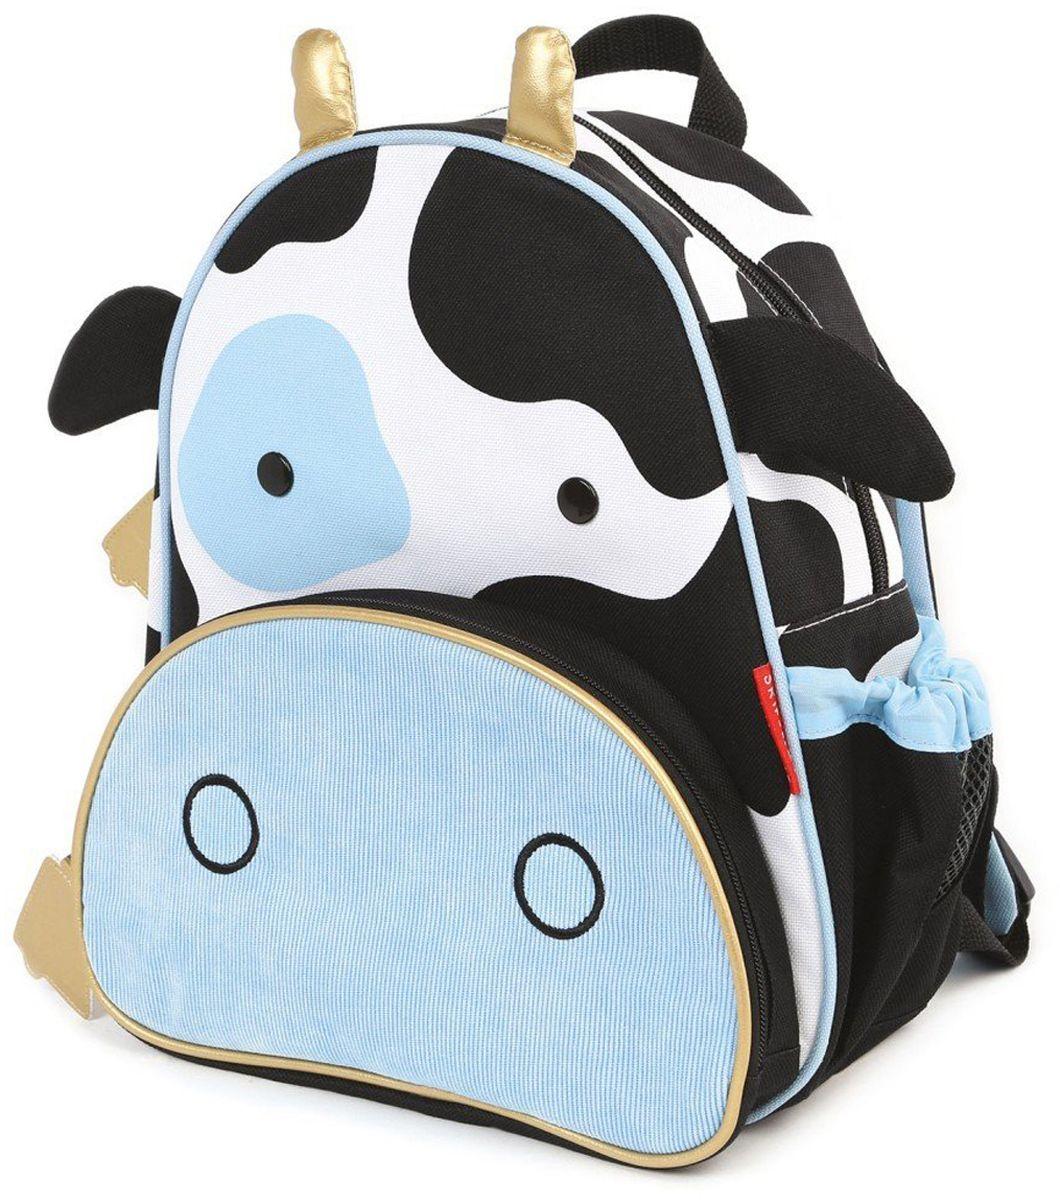 Skip Hop Рюкзак дошкольный КороваSH 210226Дошкольный рюкзак Skip Hop каждый день будет радовать вашего малыша, вызывать улыбки у прохожих и зависть у сверстников. С ним можно ходить в детский сад, на прогулку, в гости к бабушке или ездить на экскурсии.Рюкзак имеет одно основное отделение на застежке-молнии, в которое легко поместятся книжка, альбом для рисования, краски, фломастеры, любимая игрушка и контейнер с едой, а кармашек сбоку предназначен специально для бутылочки с водой. Передний карман на молнии предназначен для мелких вещей.Рюкзак оснащен ручкой для переноски в руках и лямками регулируемой длины.